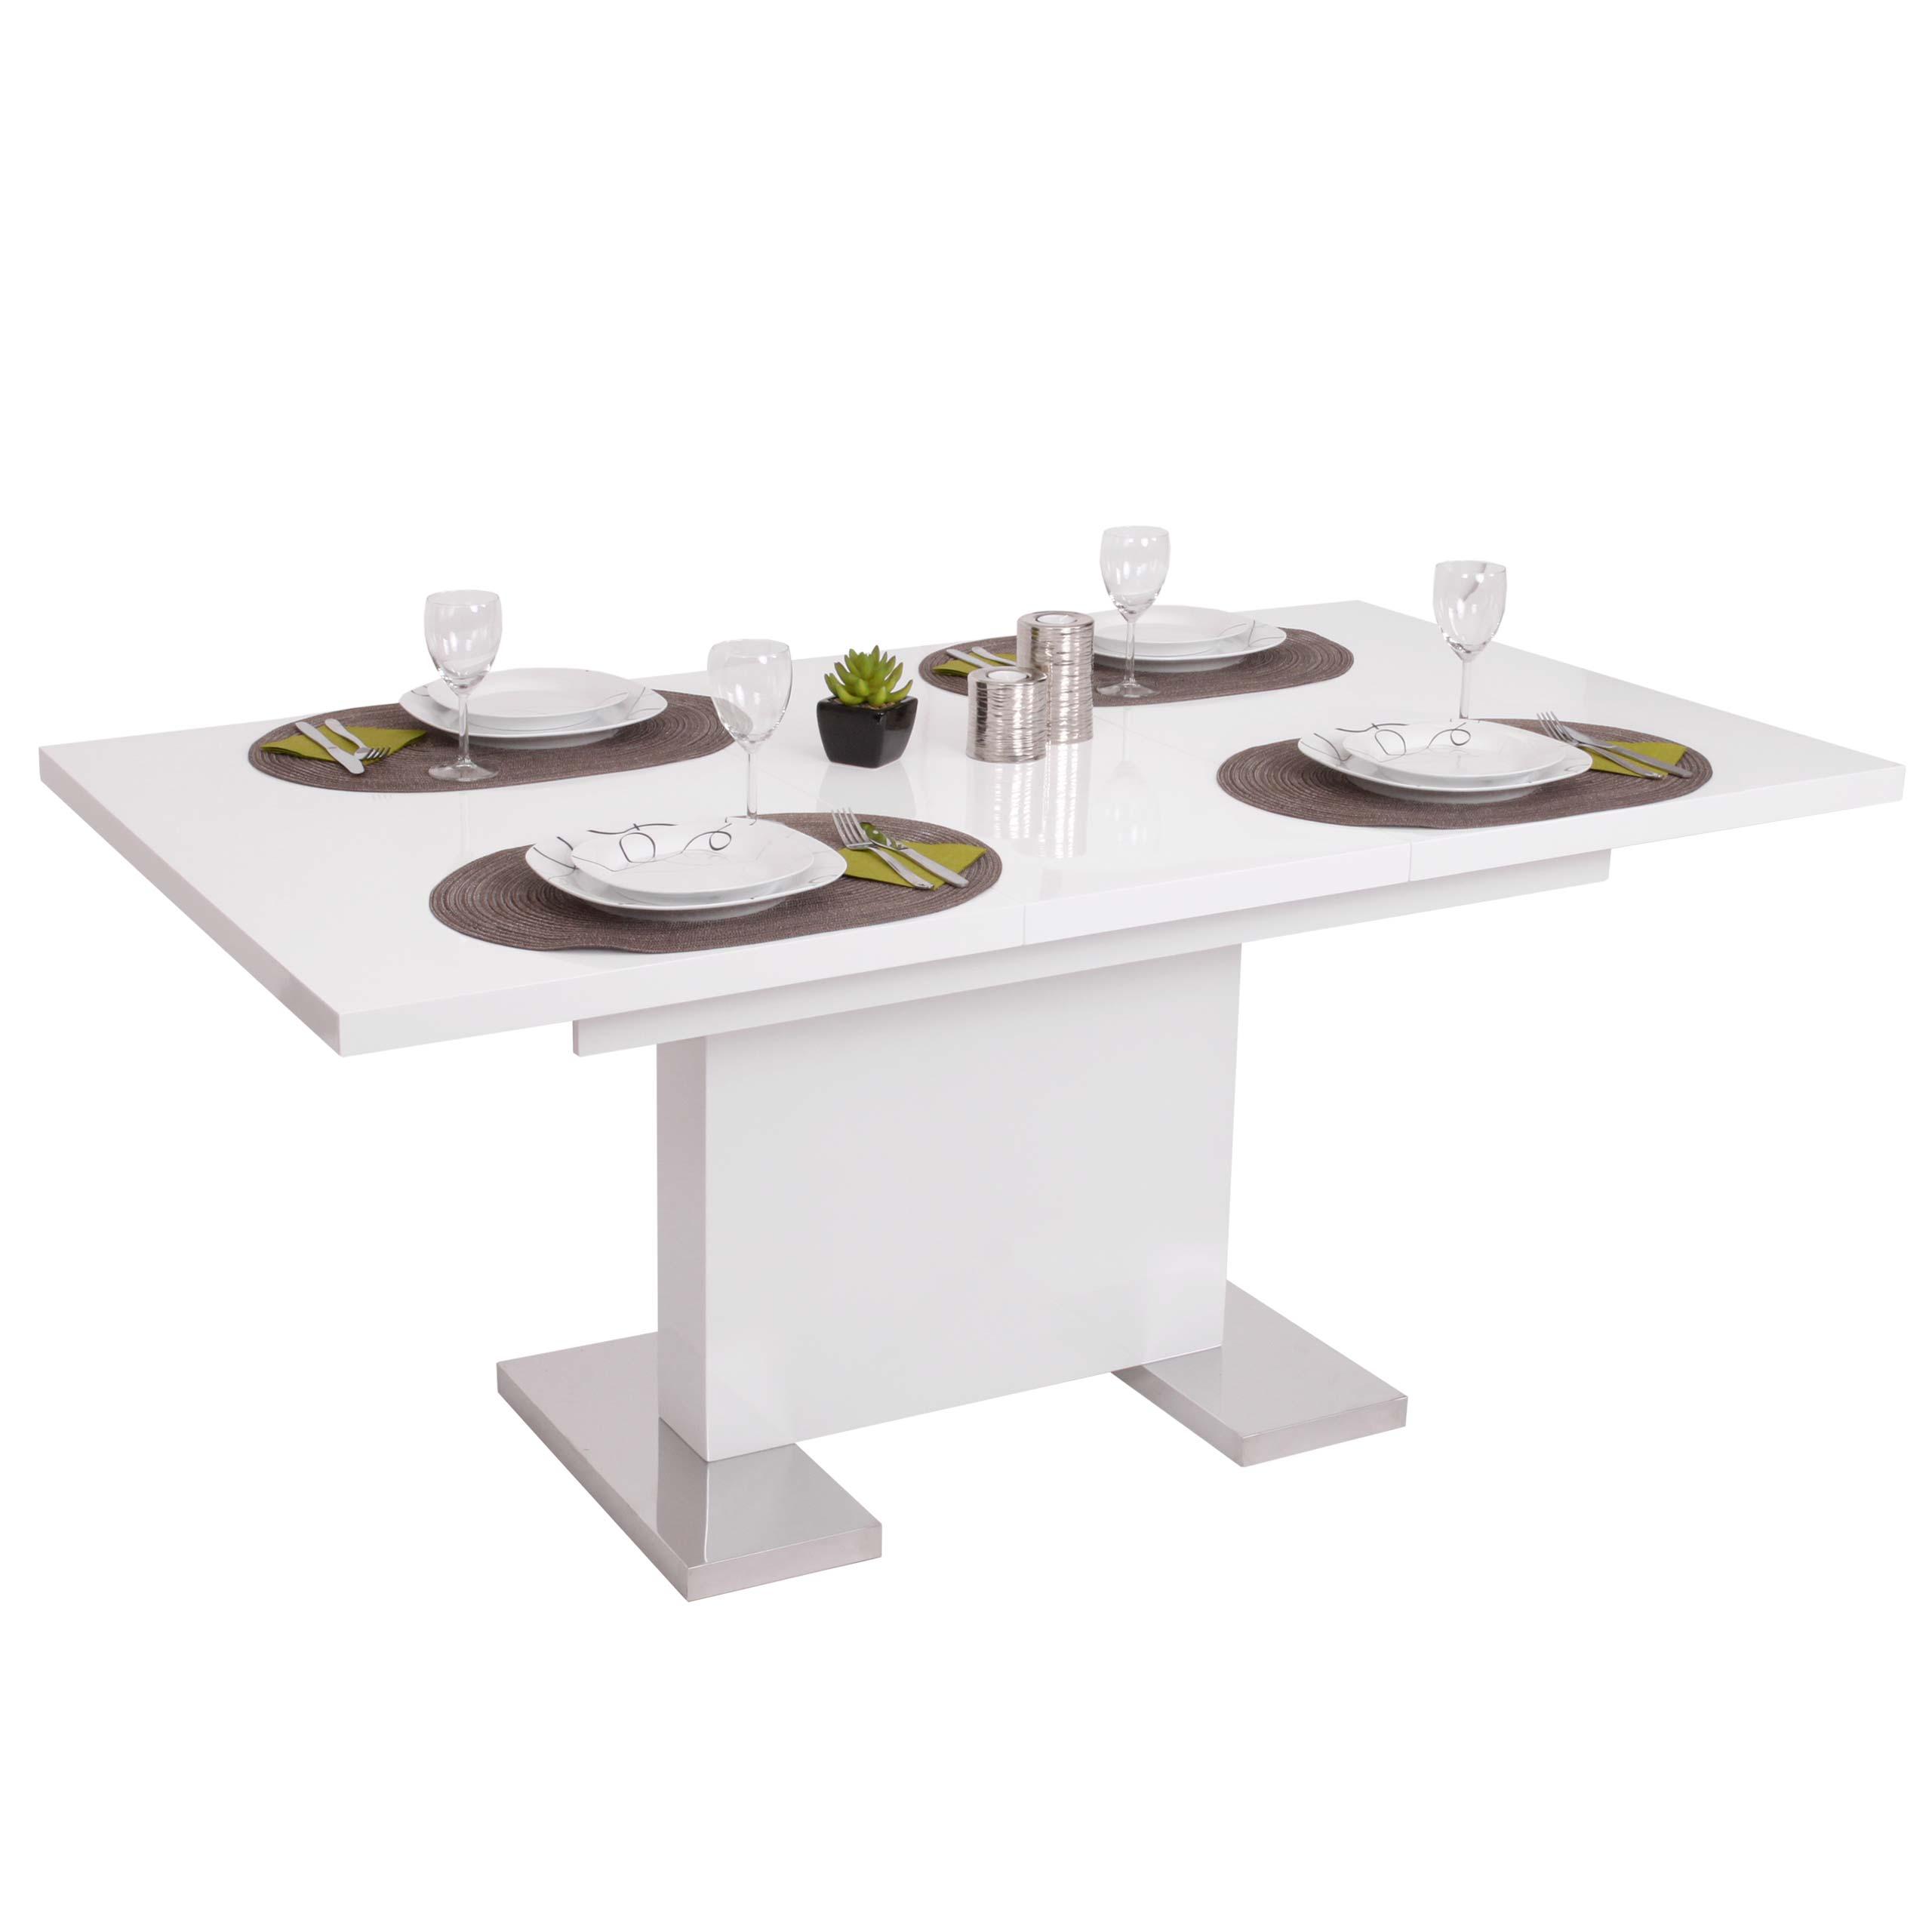 esstisch hwc b49 esszimmertisch tisch ausziehbar. Black Bedroom Furniture Sets. Home Design Ideas